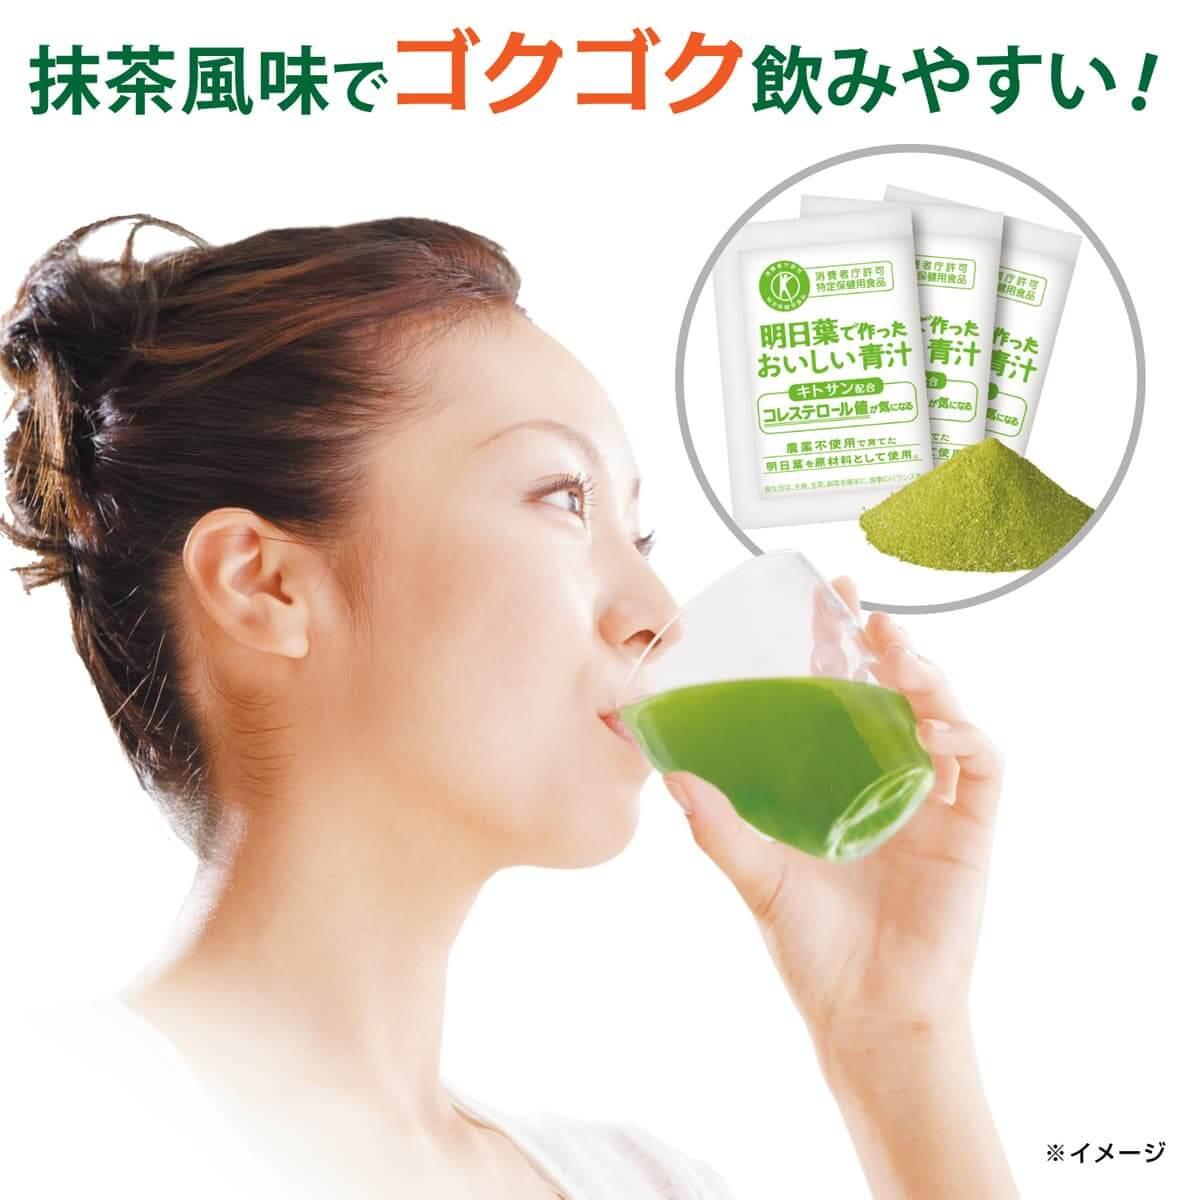 明日葉で作ったおいしい青汁【12箱セット】